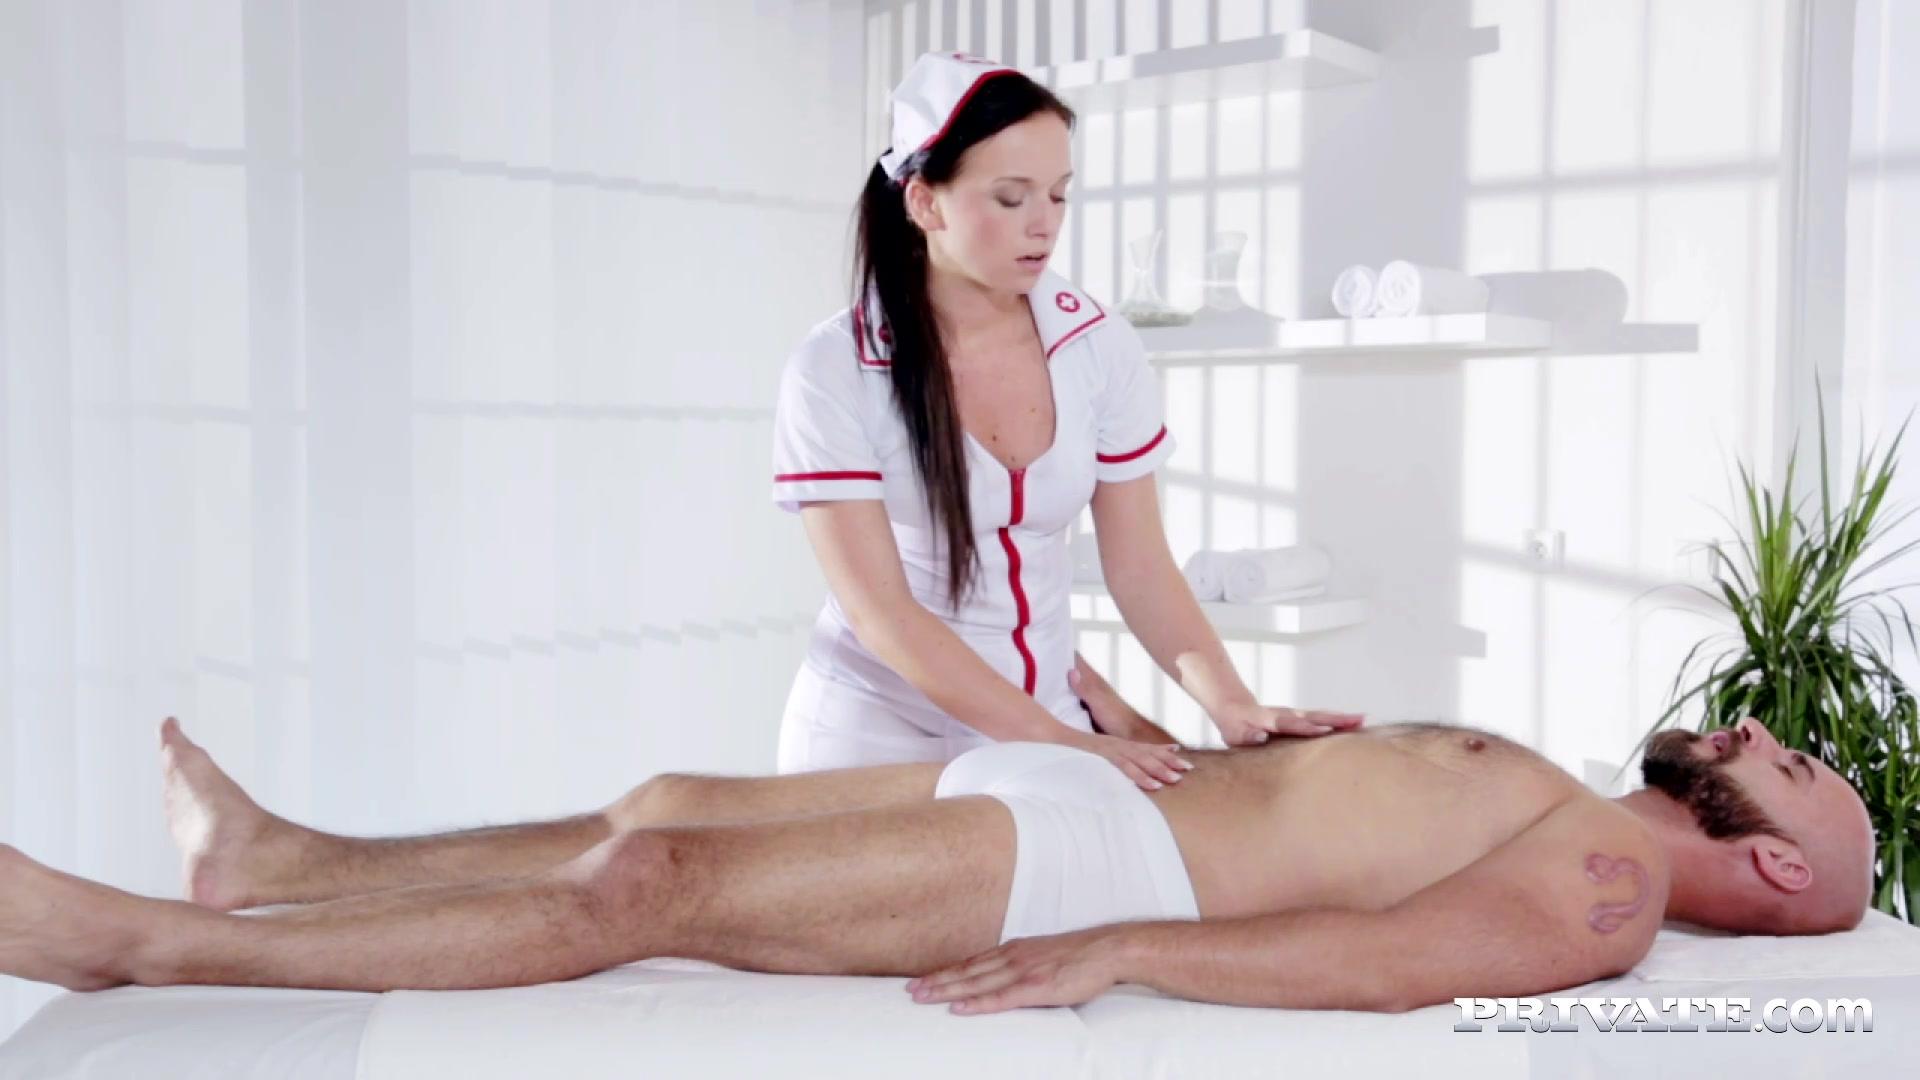 massazh-prostati-medsestroy-porno